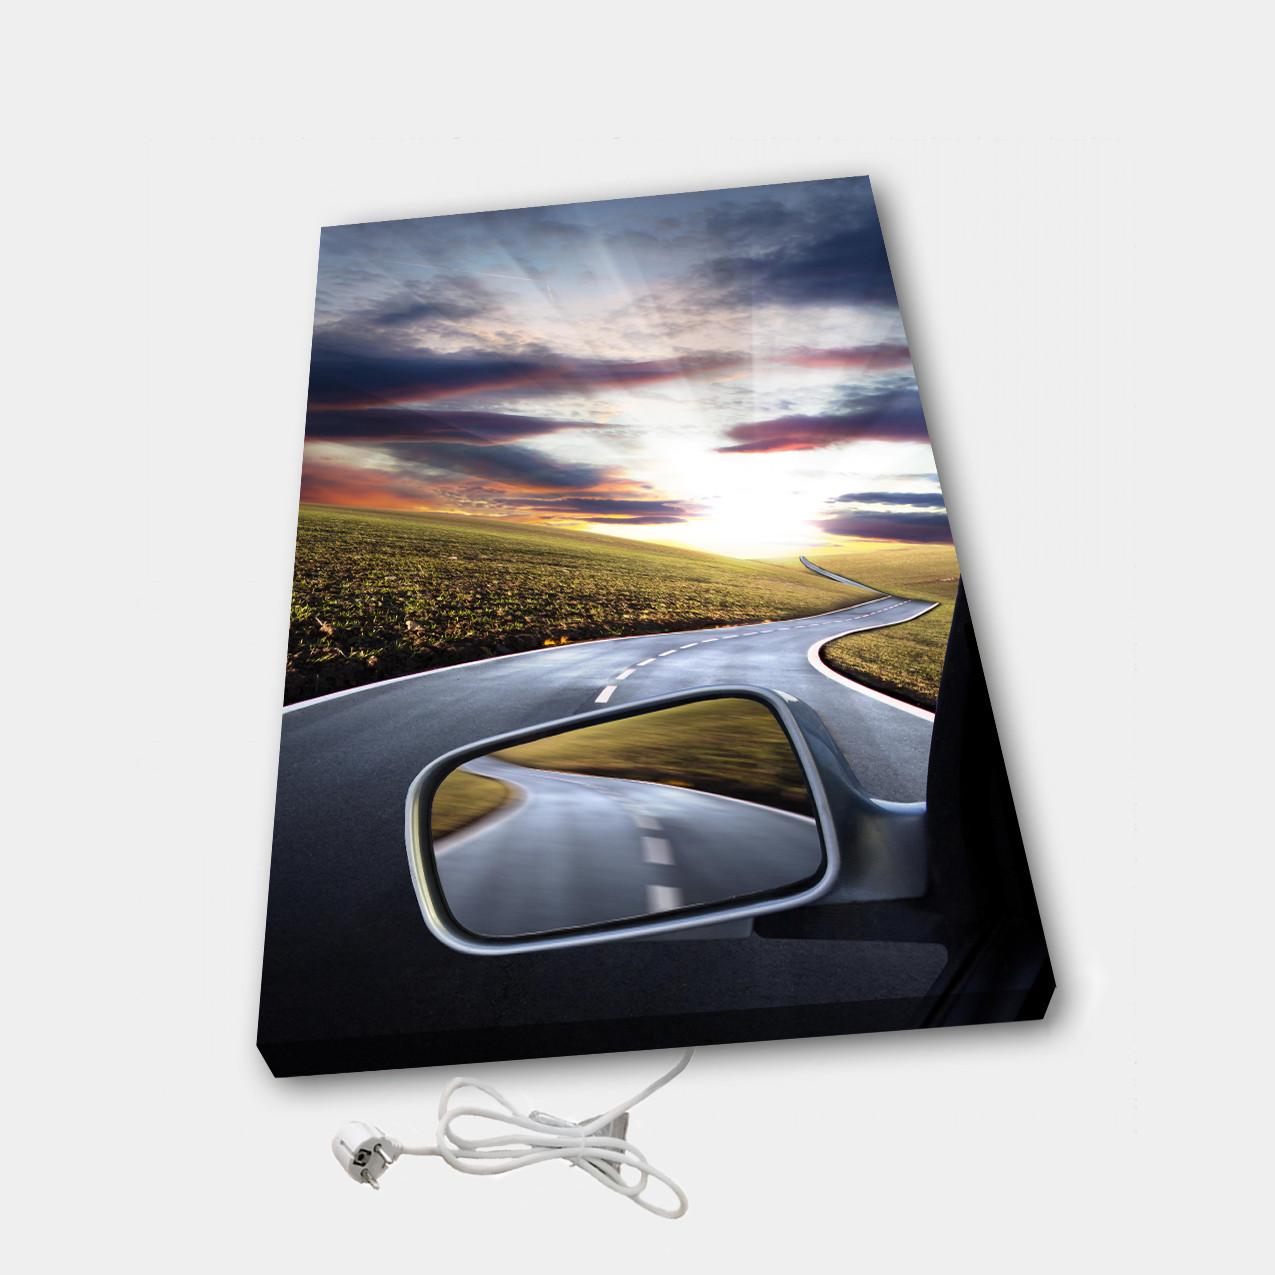 Обігрівач настінний електричний інфрачервоний картина іонізація АртТепло З машини (Hot00010)